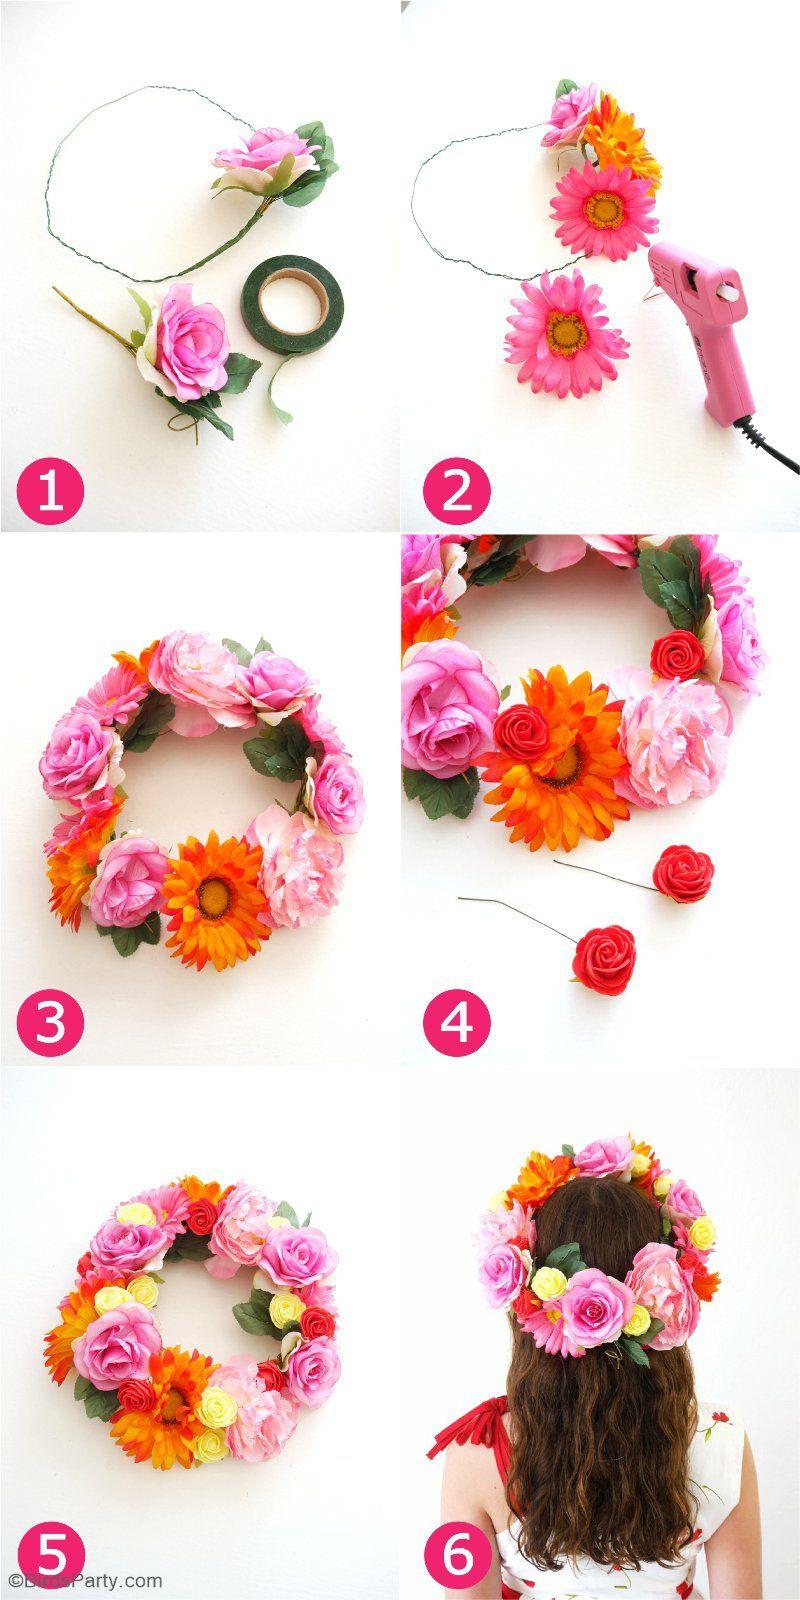 Diy Pretty Easy Flower Crowns Flower Headband Diy Diy Flower Crown Diy Headband